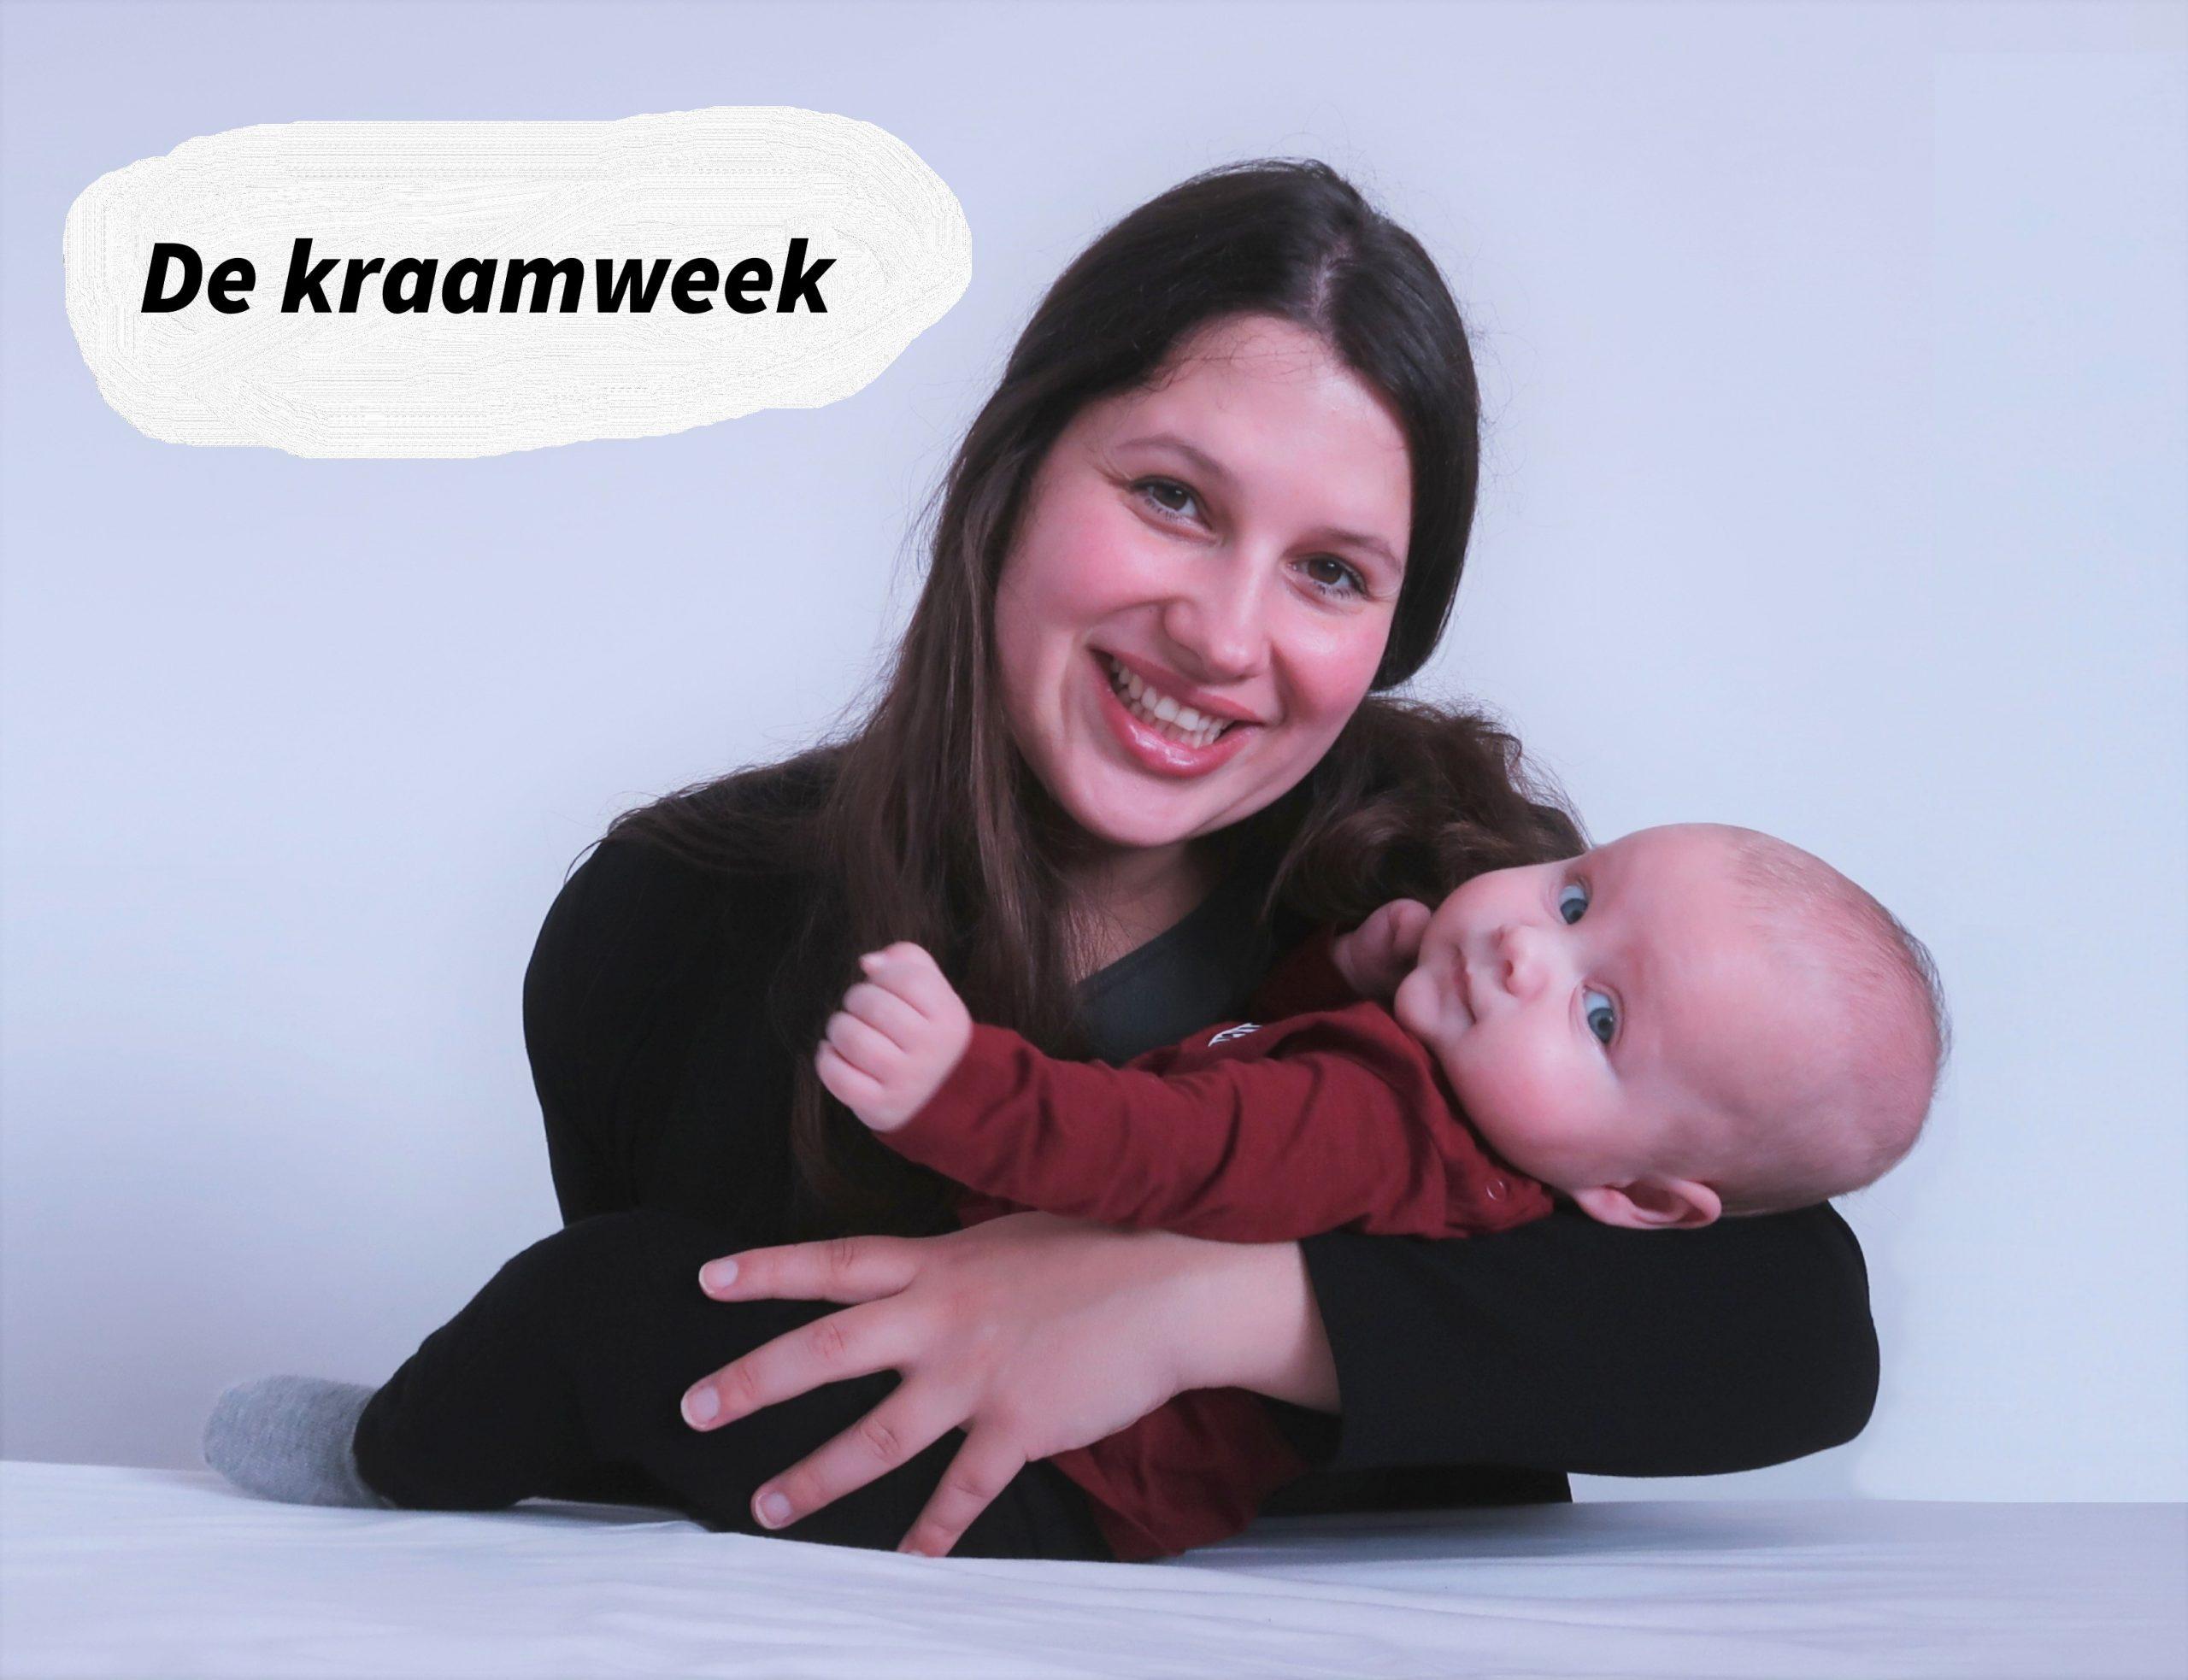 Yvonne Louise de kraamweek scaled - Het Moederschap, door Yvonne Louise - De Kraamweek